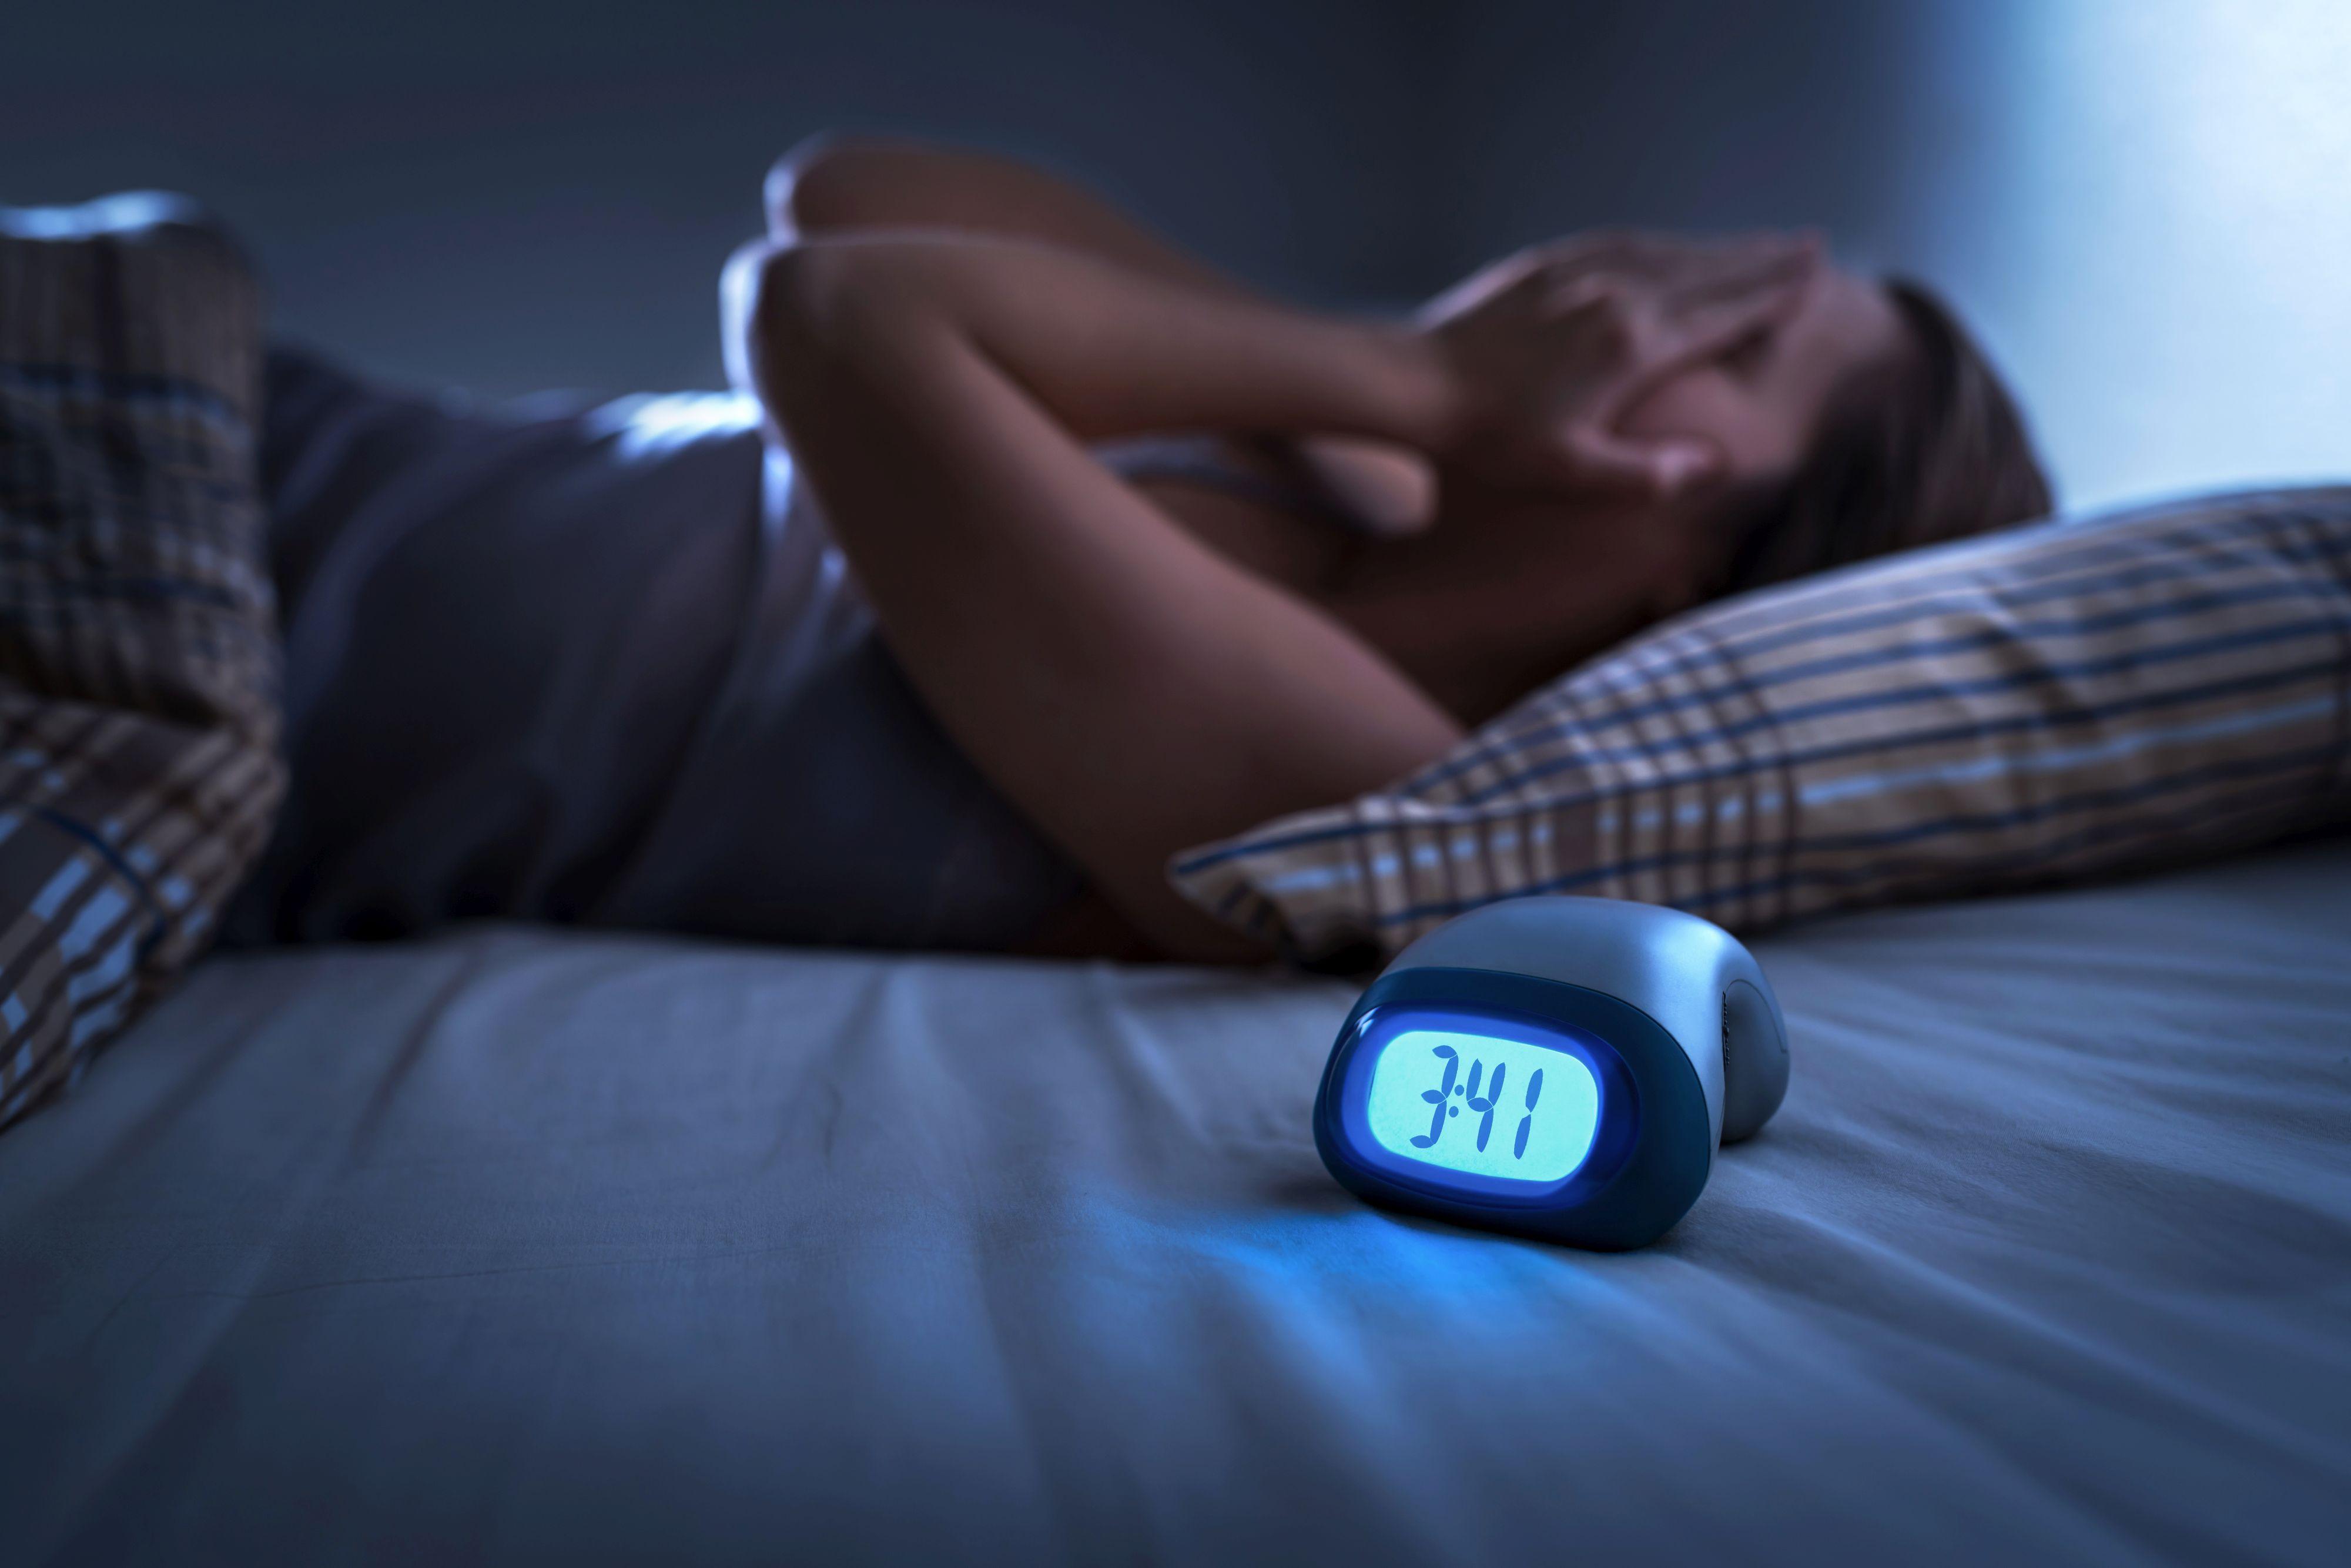 Experiencing insomnia